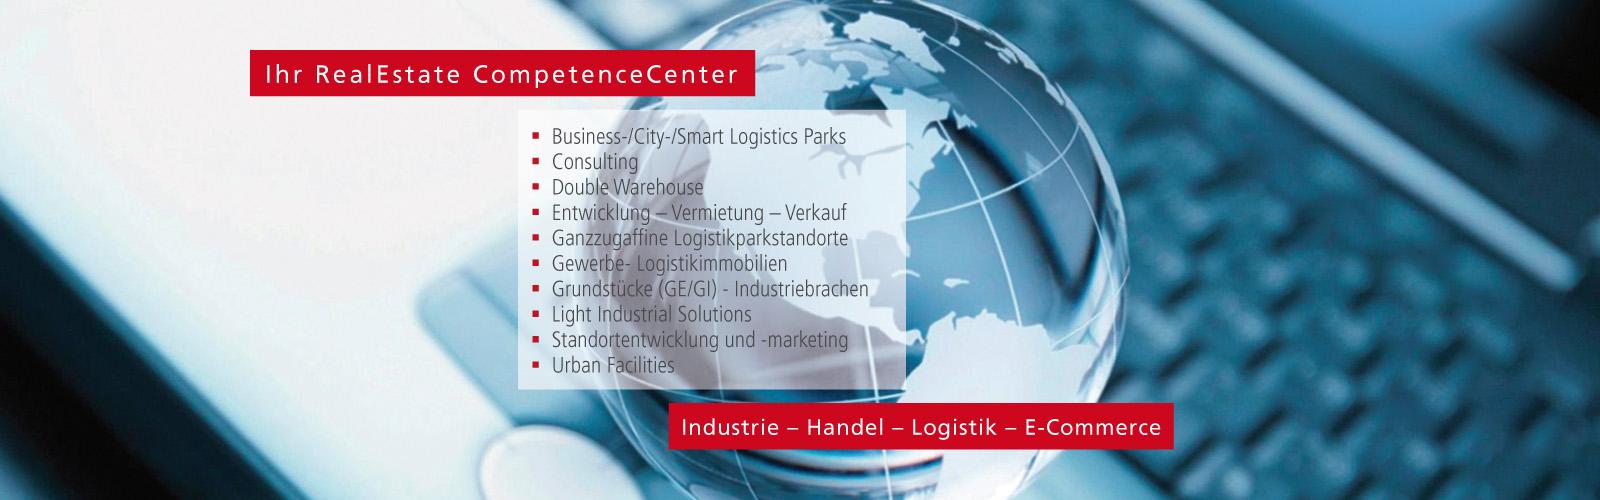 Das Wichtigste über uns in Kürze erfahren Sie in unserer aktualisierten Unternehmensbroschüre.